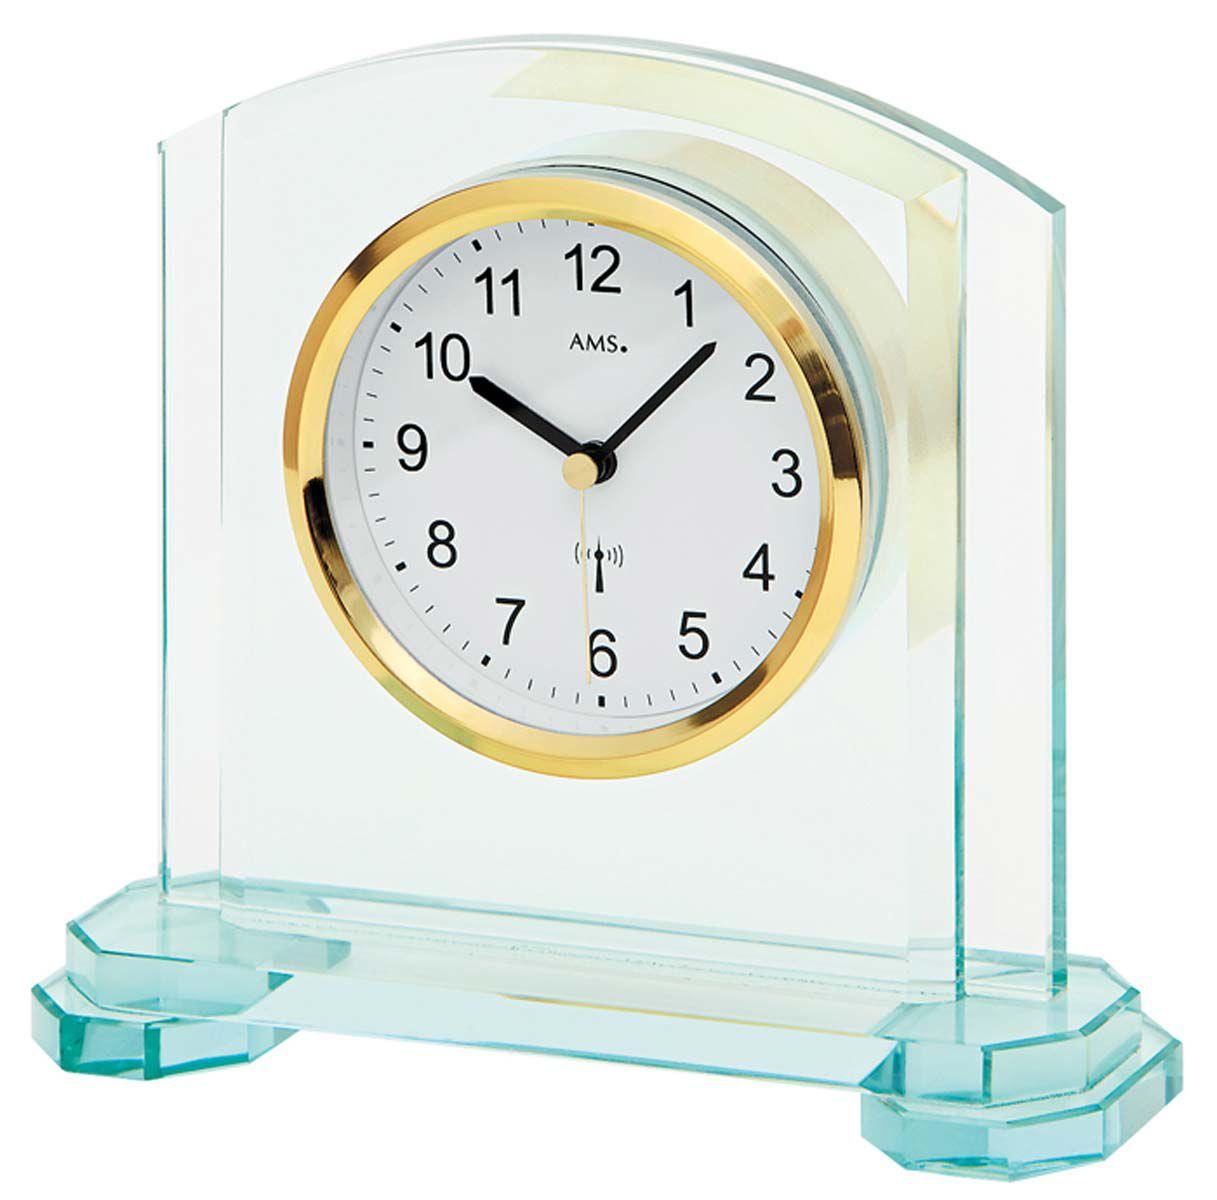 Stolní luxusní hodiny AMS 5147 rádiem řízené skleněné